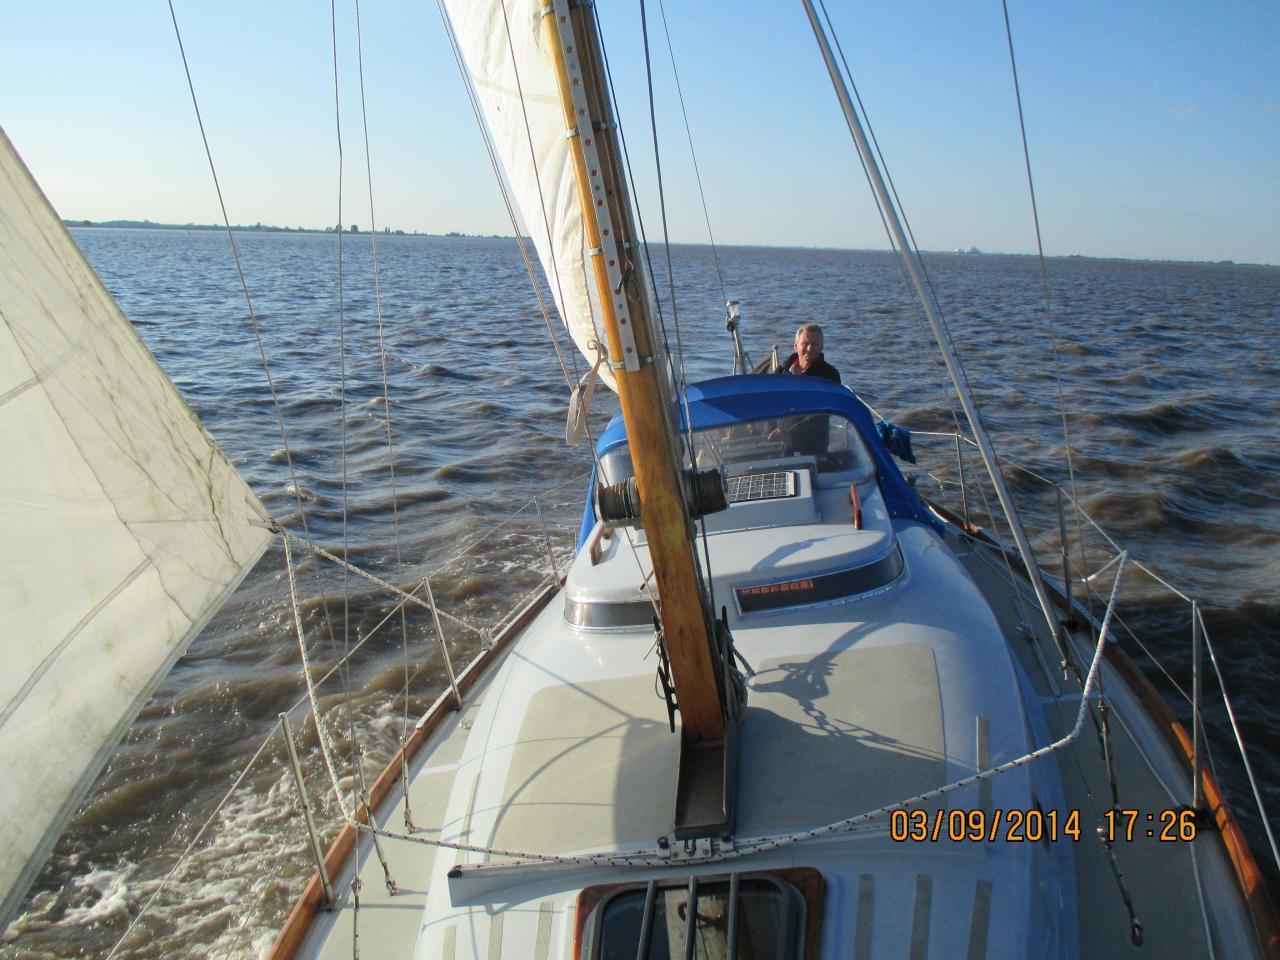 Selbst im September kann ein Segeltörn auf der Elbe noch schön sein-Törn nach Cuxhaven mit meiner